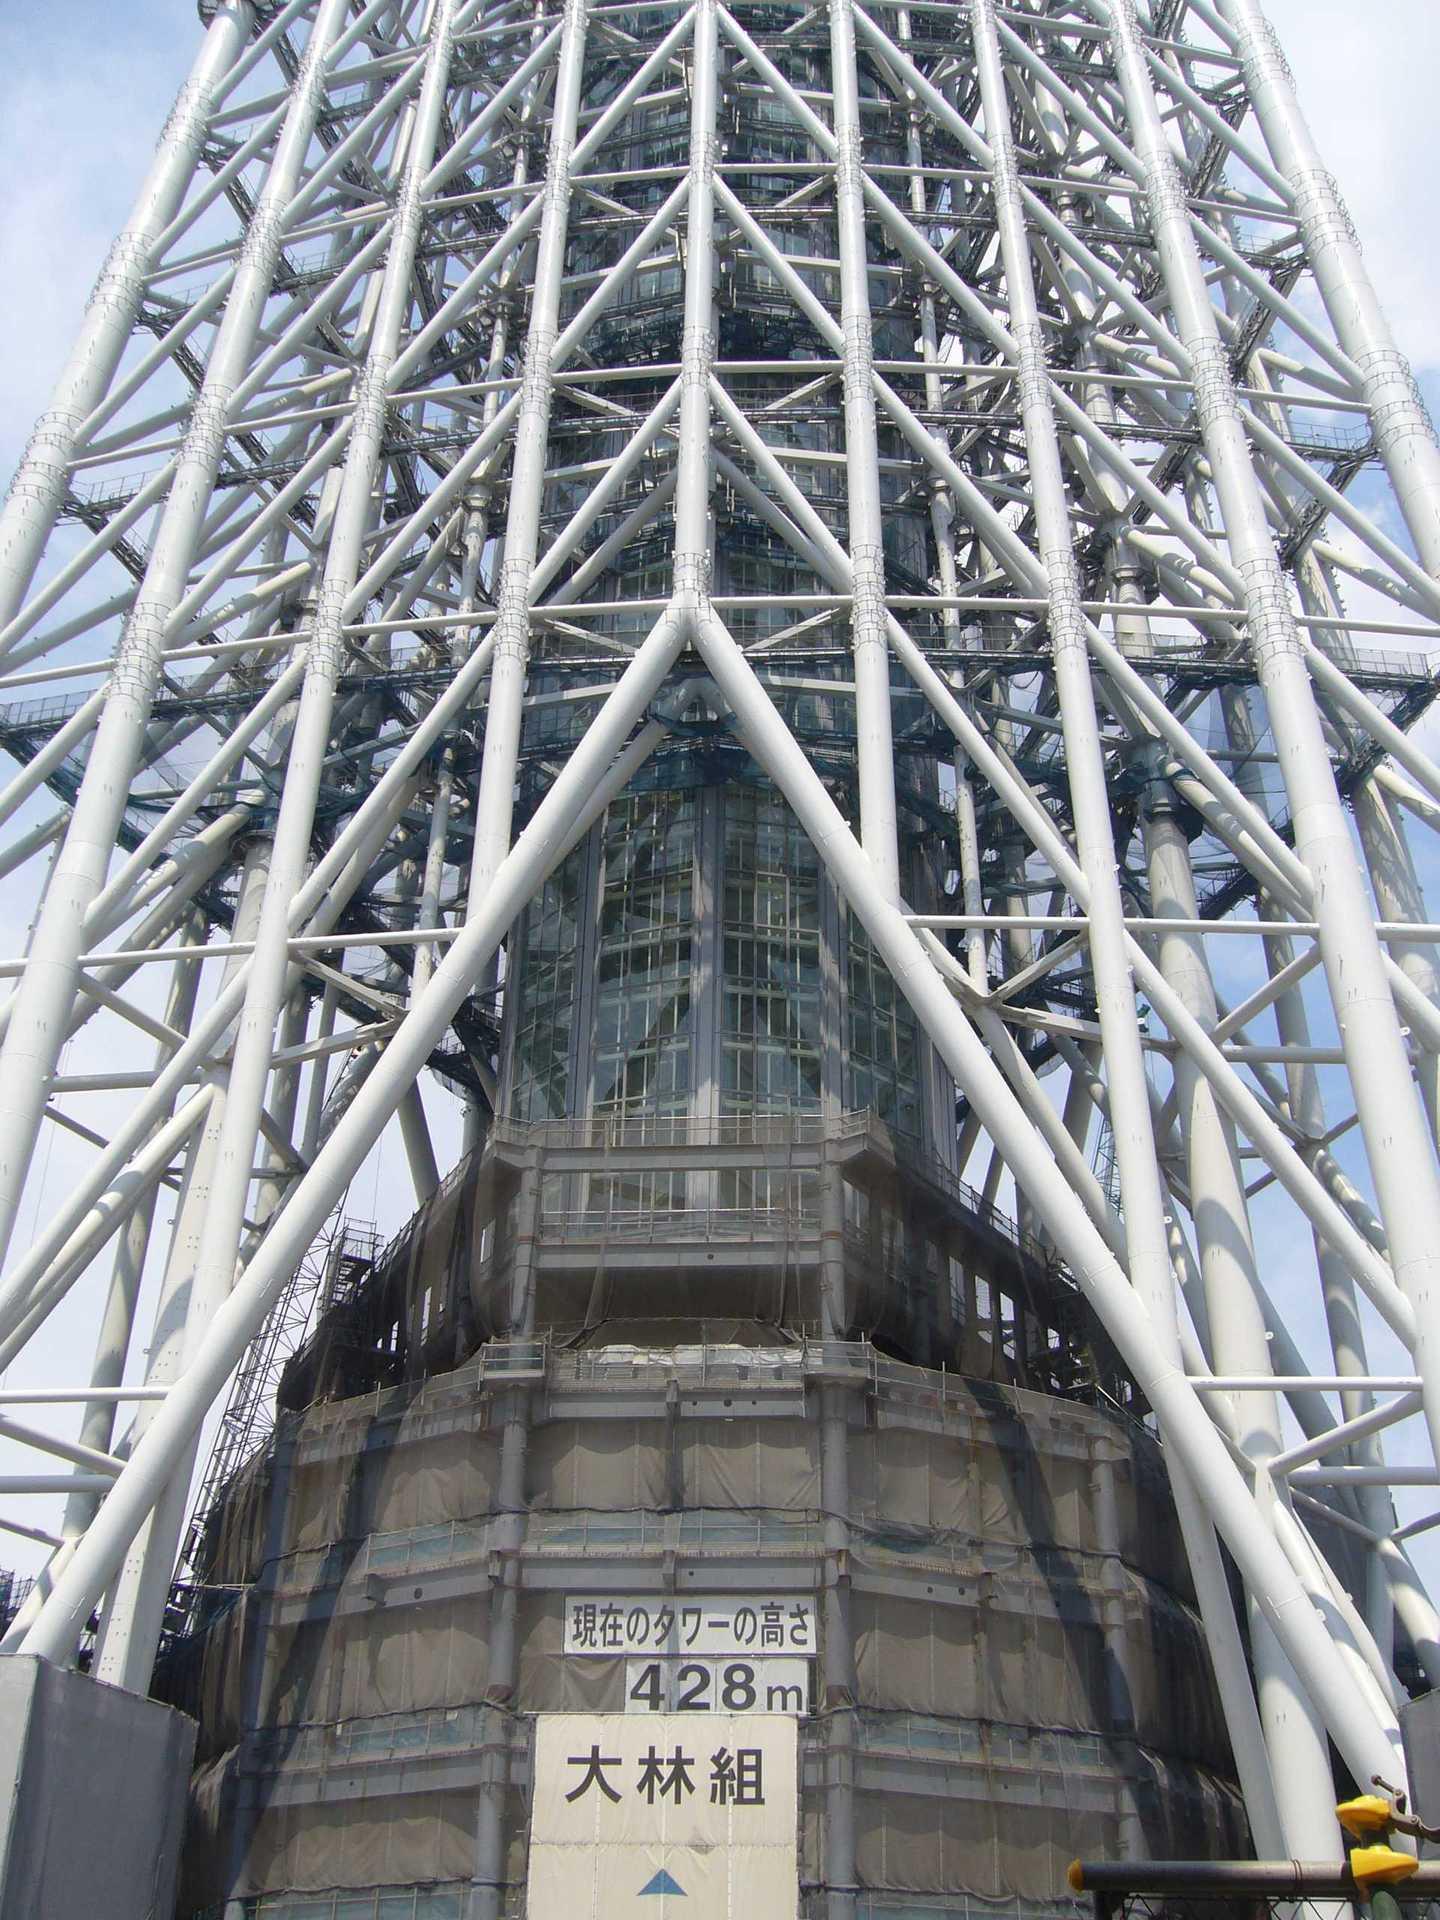 現在の高さ428mの東京スカイツリー(建設中)